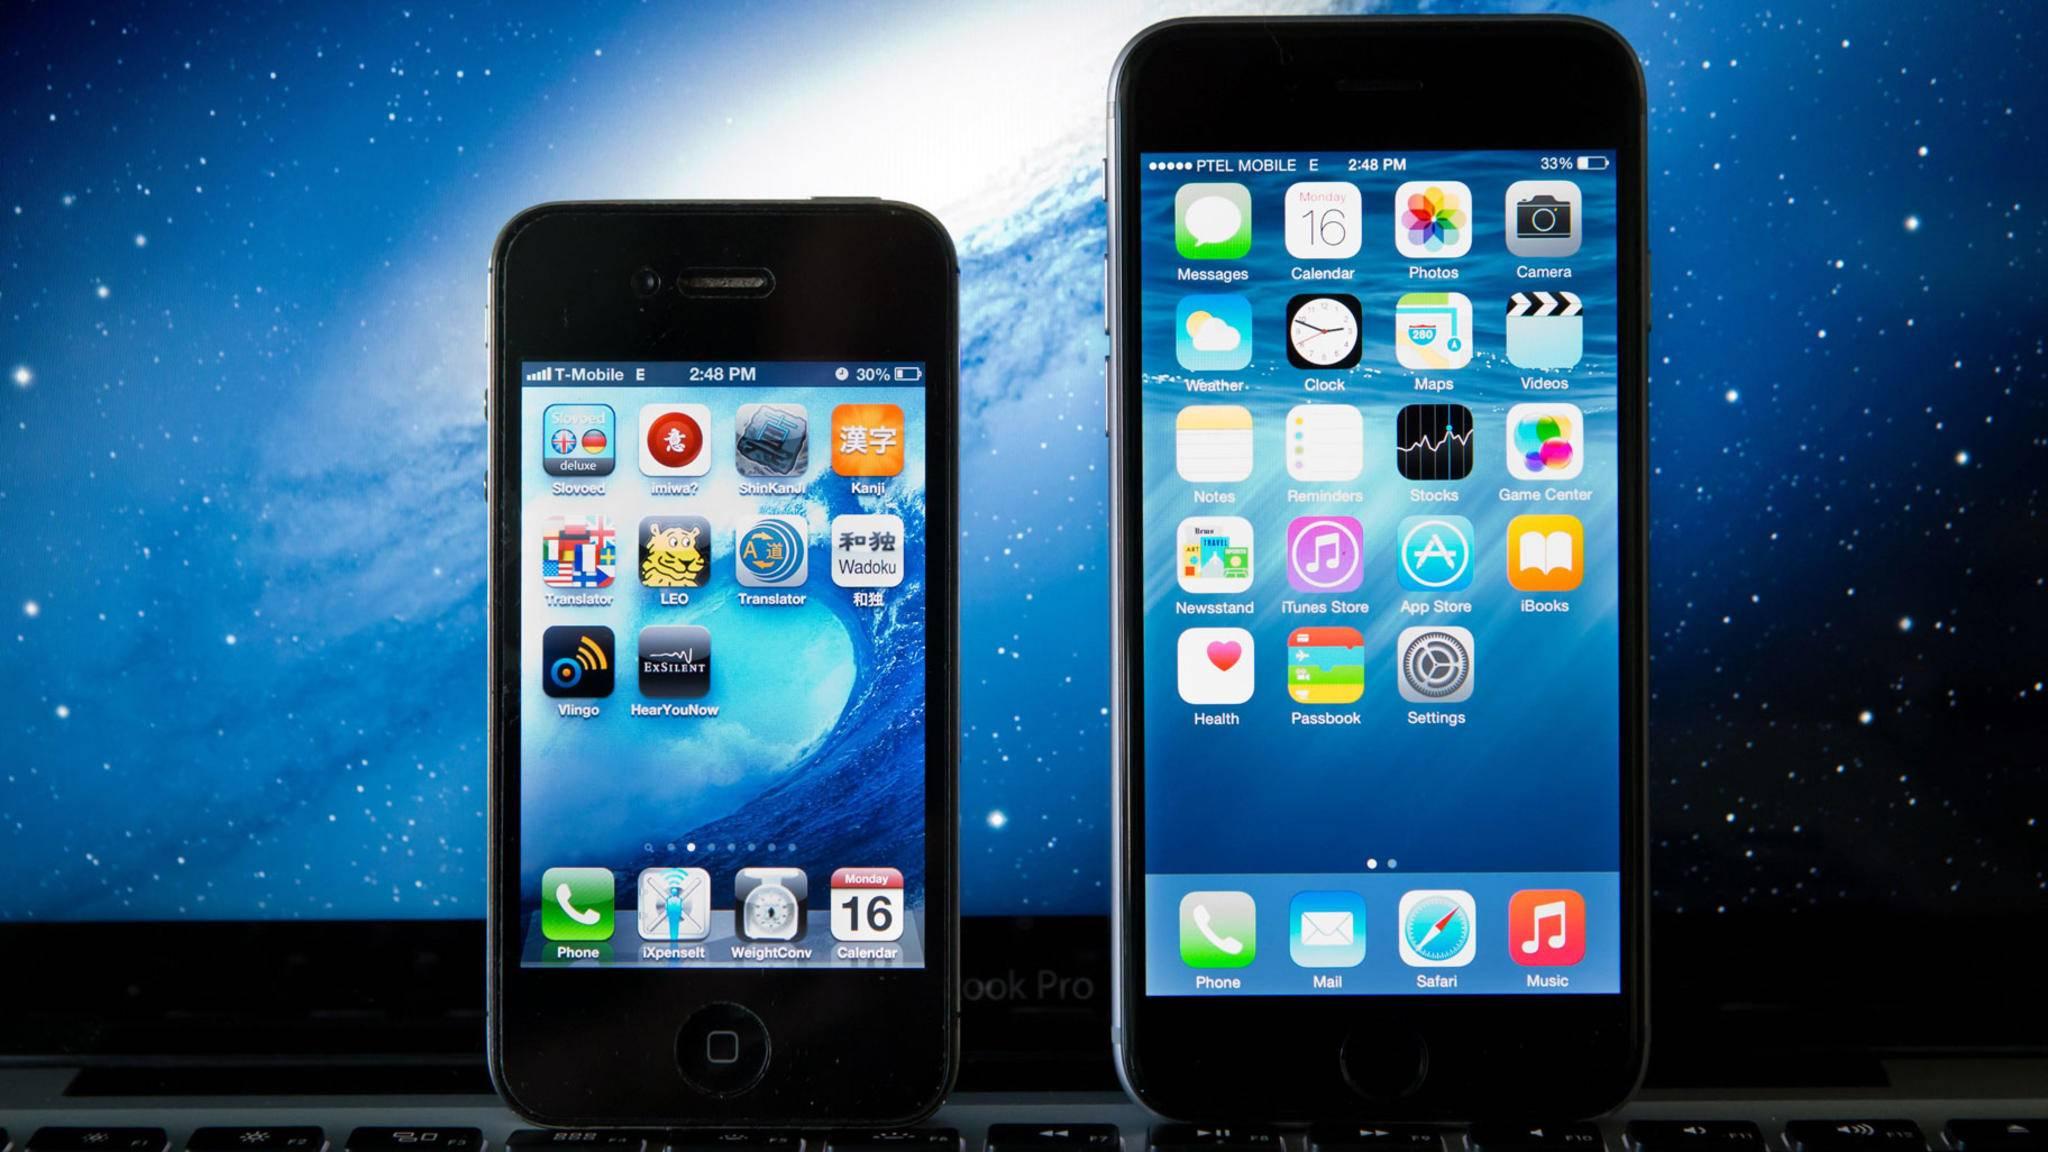 Einen Computer benötigst Du nicht, um ein iPhone auf Werkseinstellungen zurücksetzen zu können.